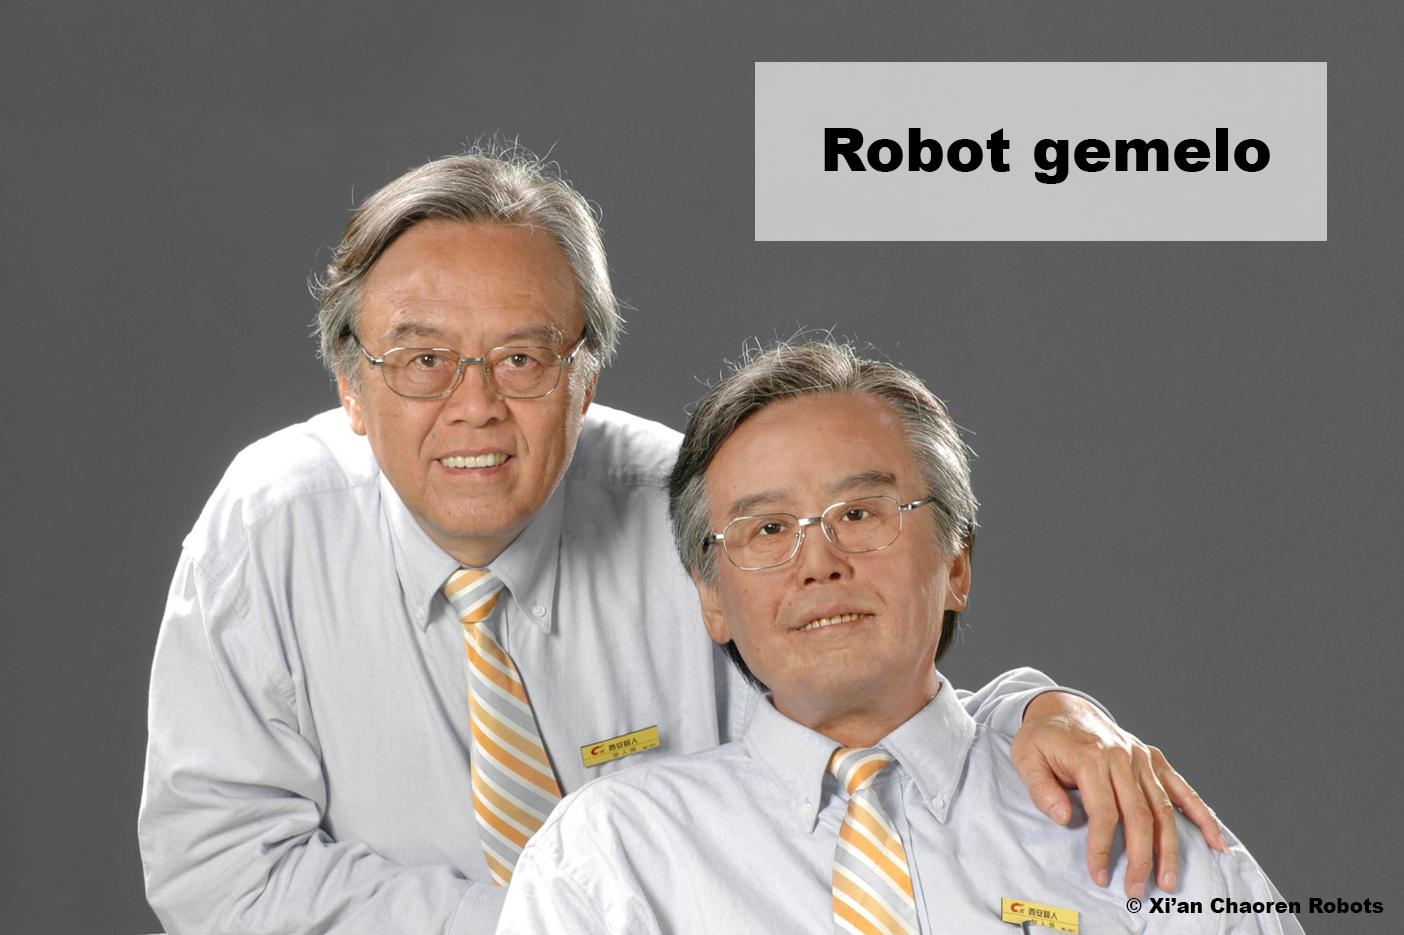 Motores continua en robot gemelo